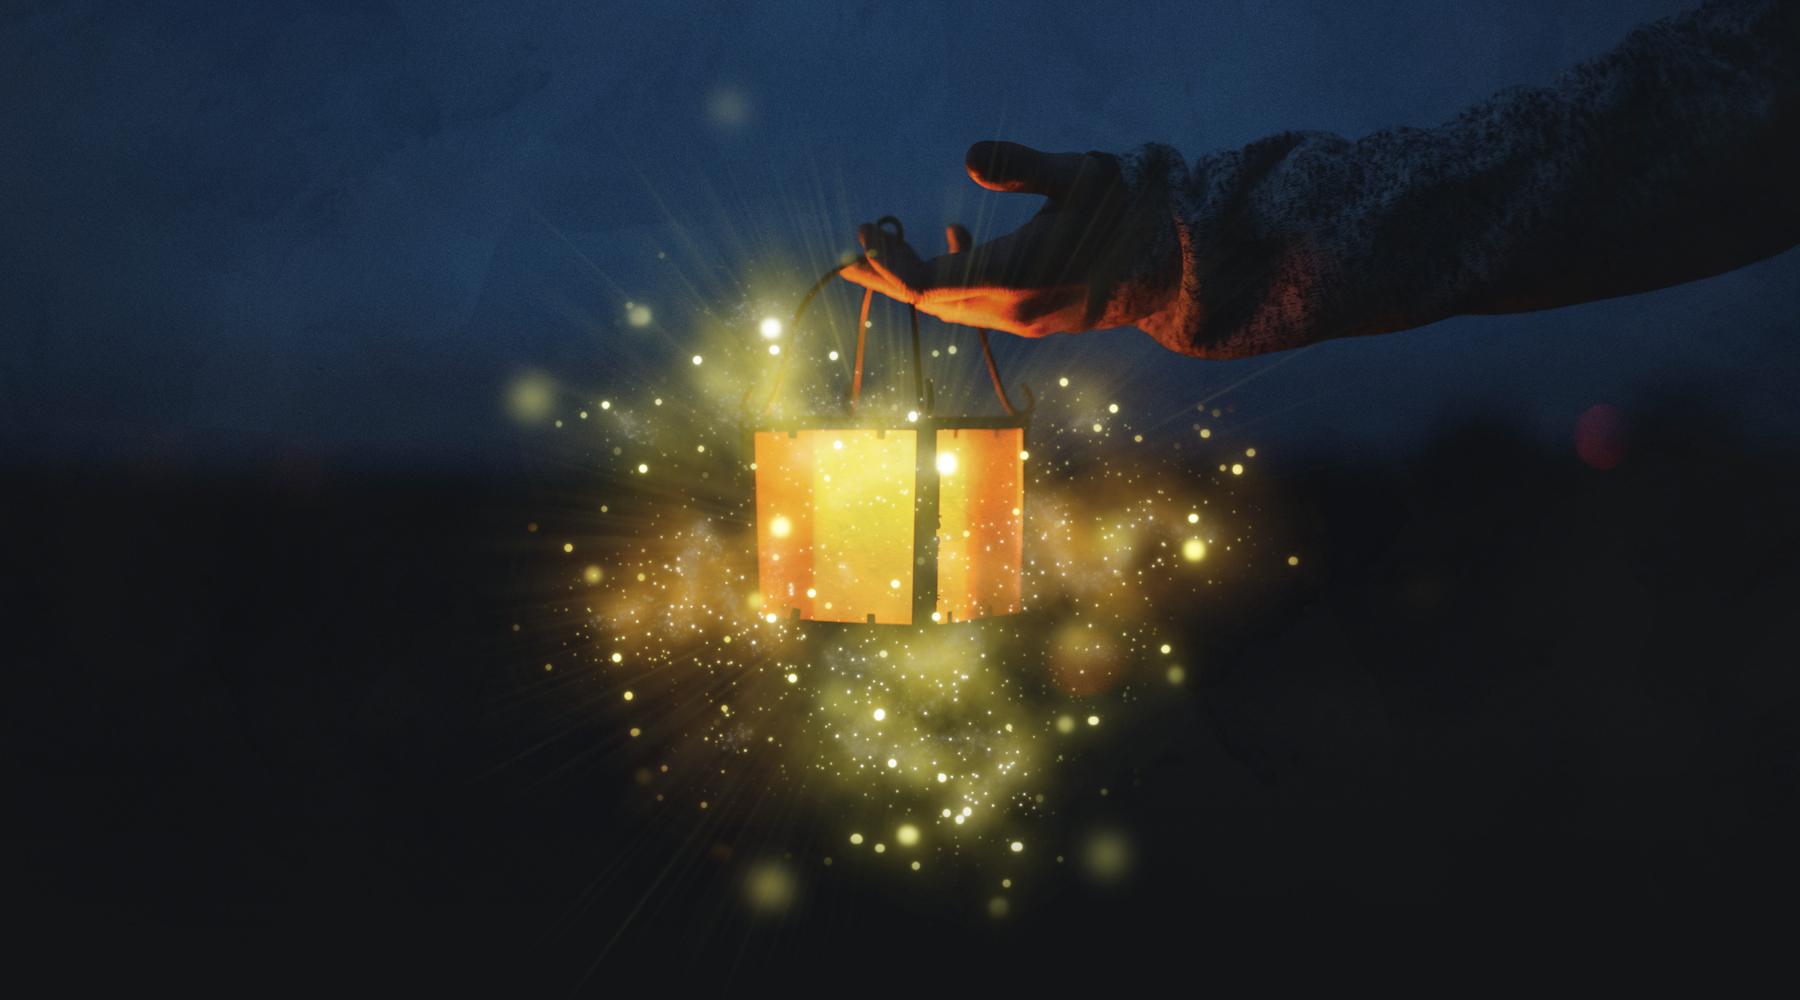 10 Days of Delivering Hope